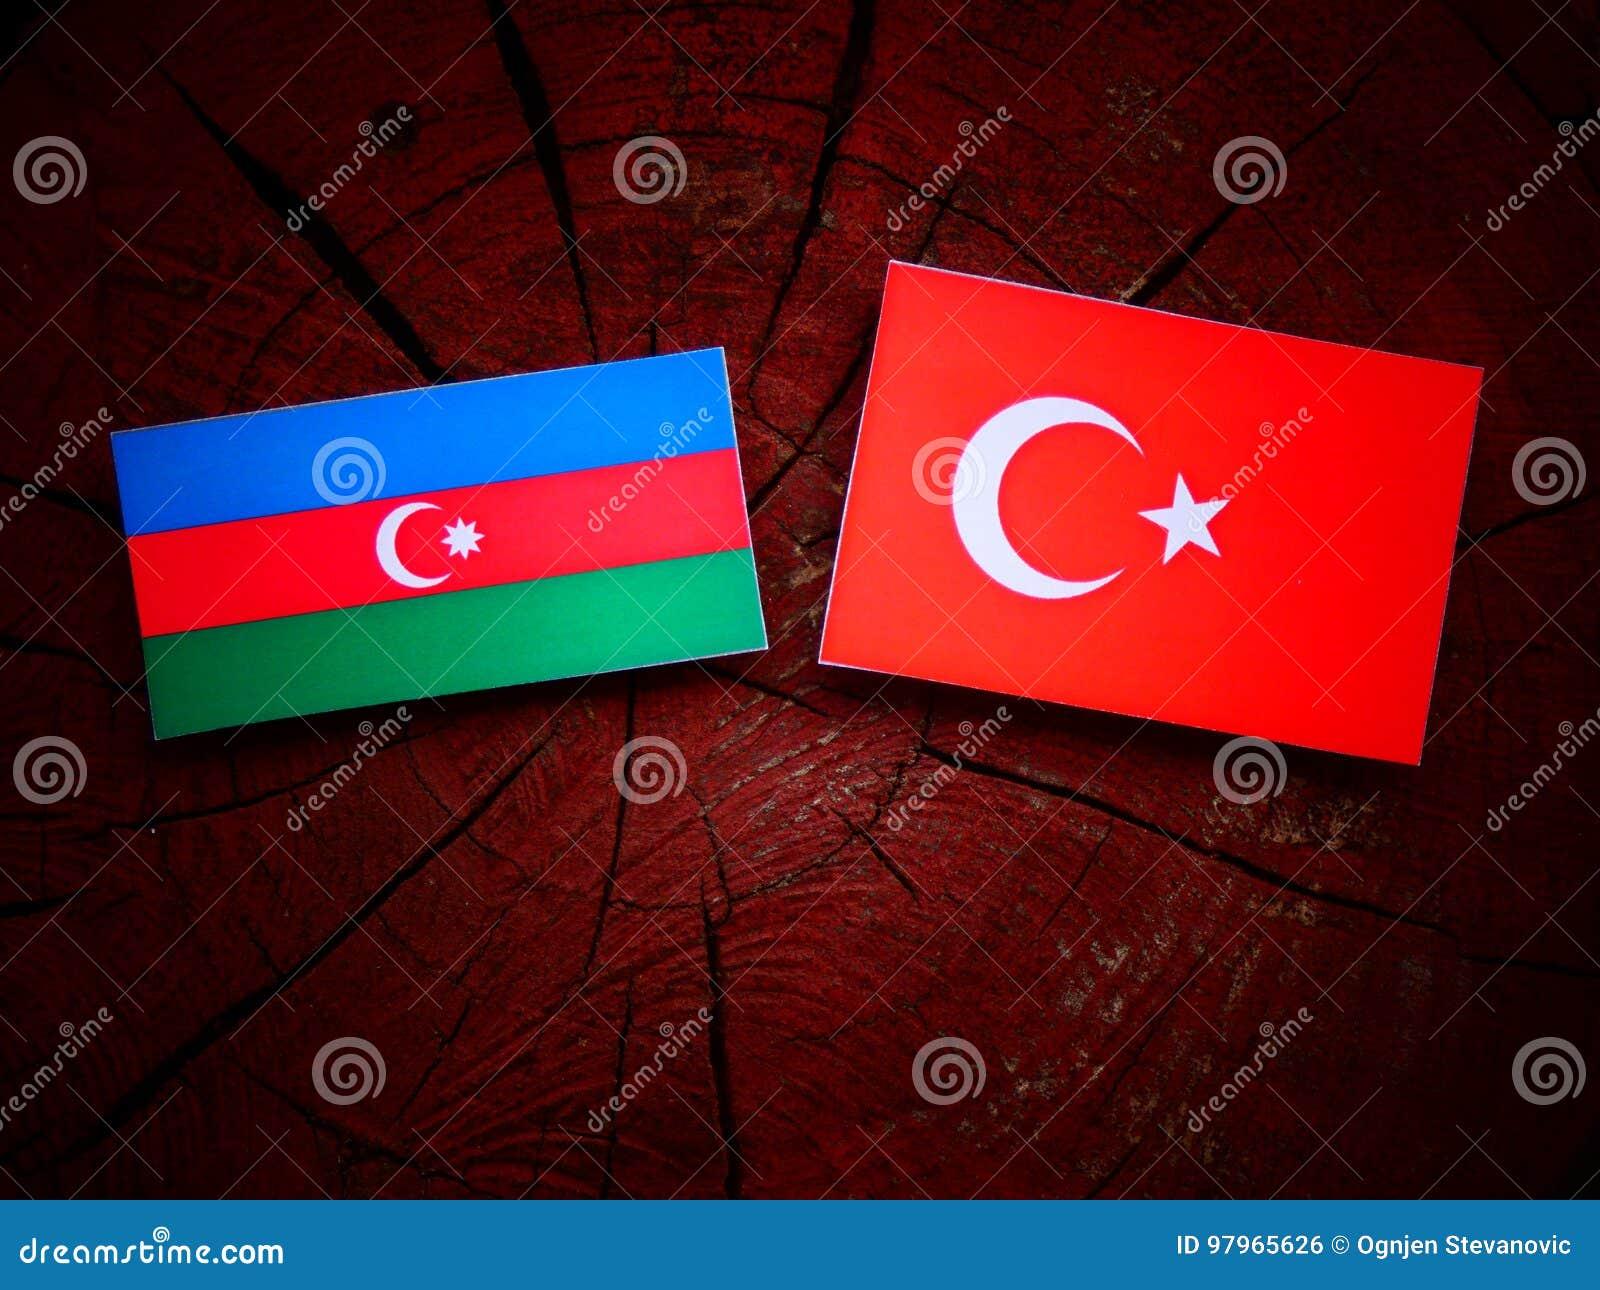 Aserbaidschan Flagge Mit Turkischer Flagge Auf Einem Baumstumpf Stockfoto Bild Von Turkischer Baumstumpf 97965626